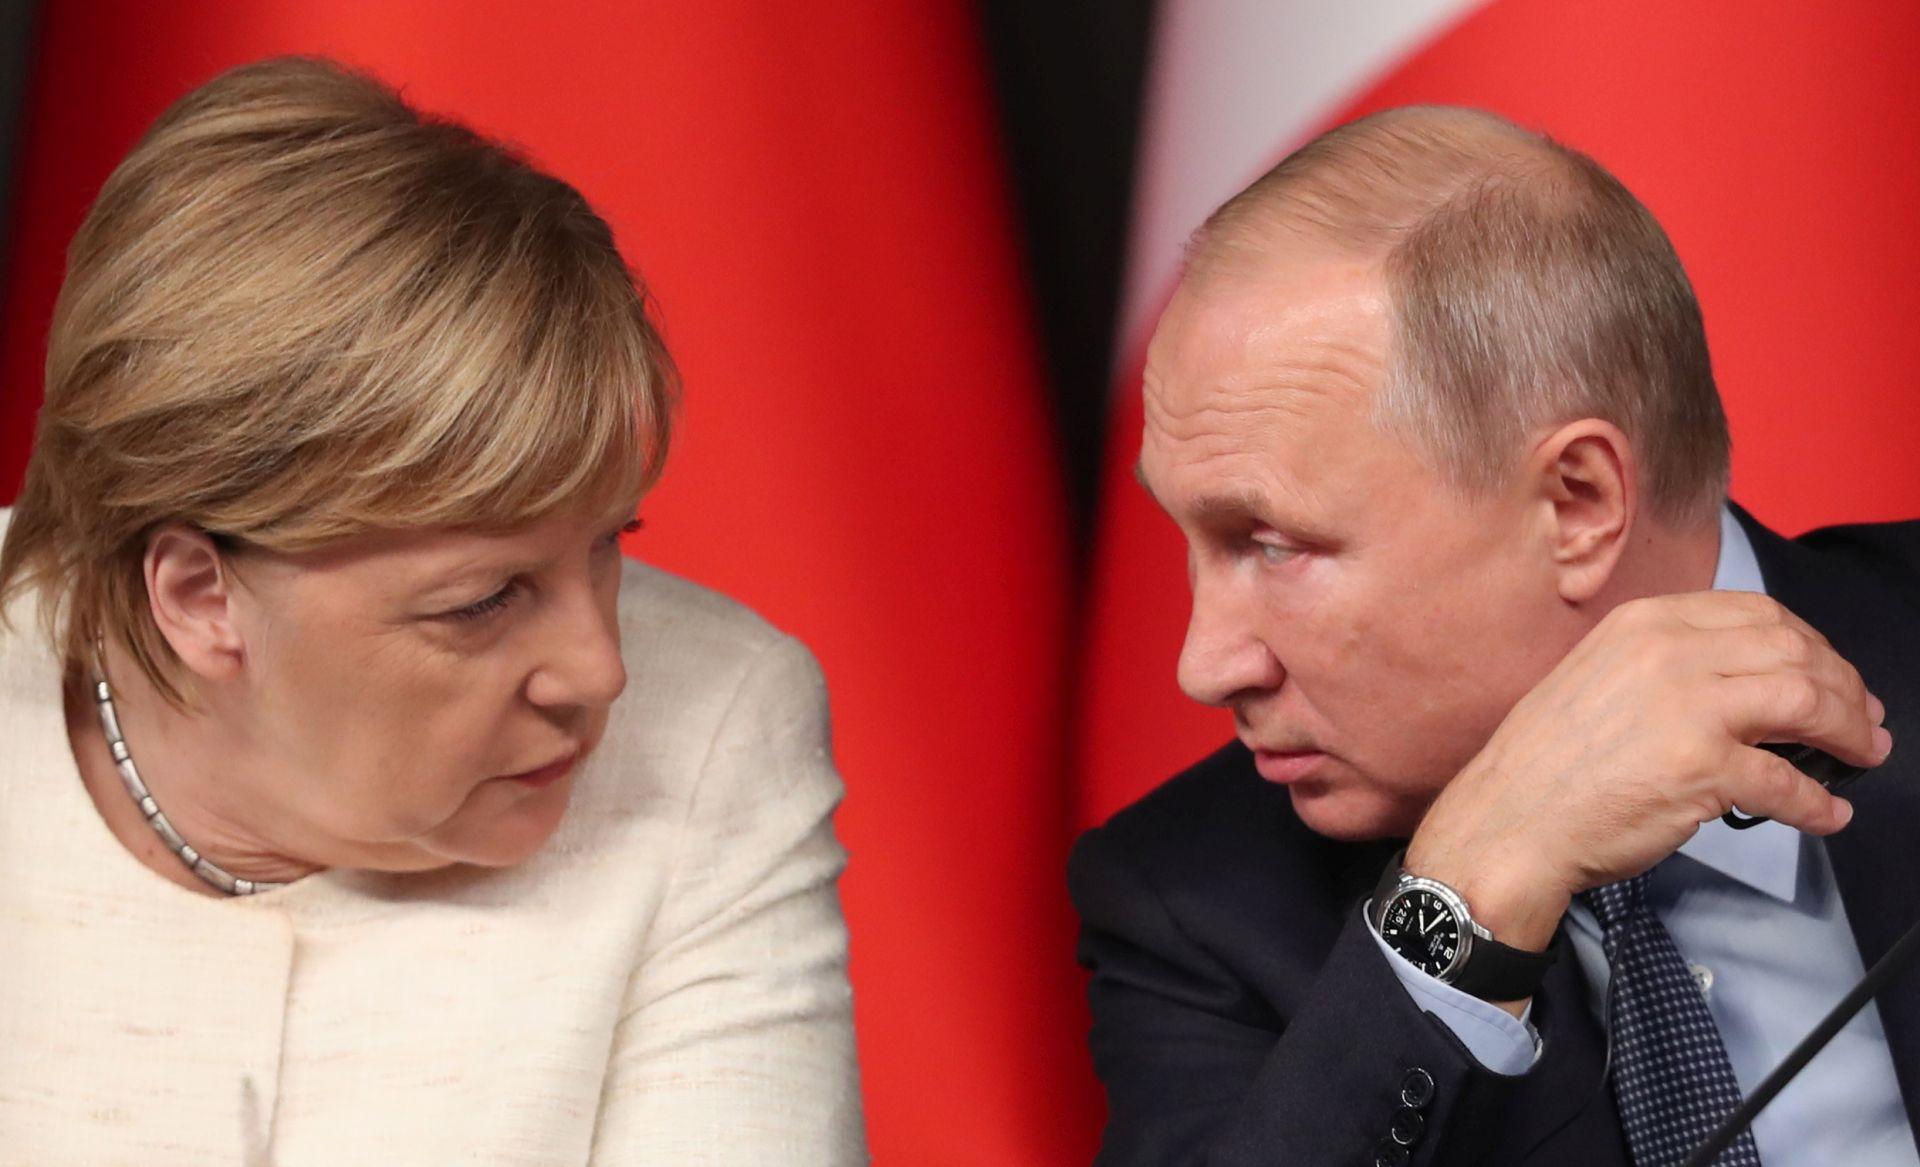 Merkel nastoji smiriti napetosti između Rusije i Ukrajine